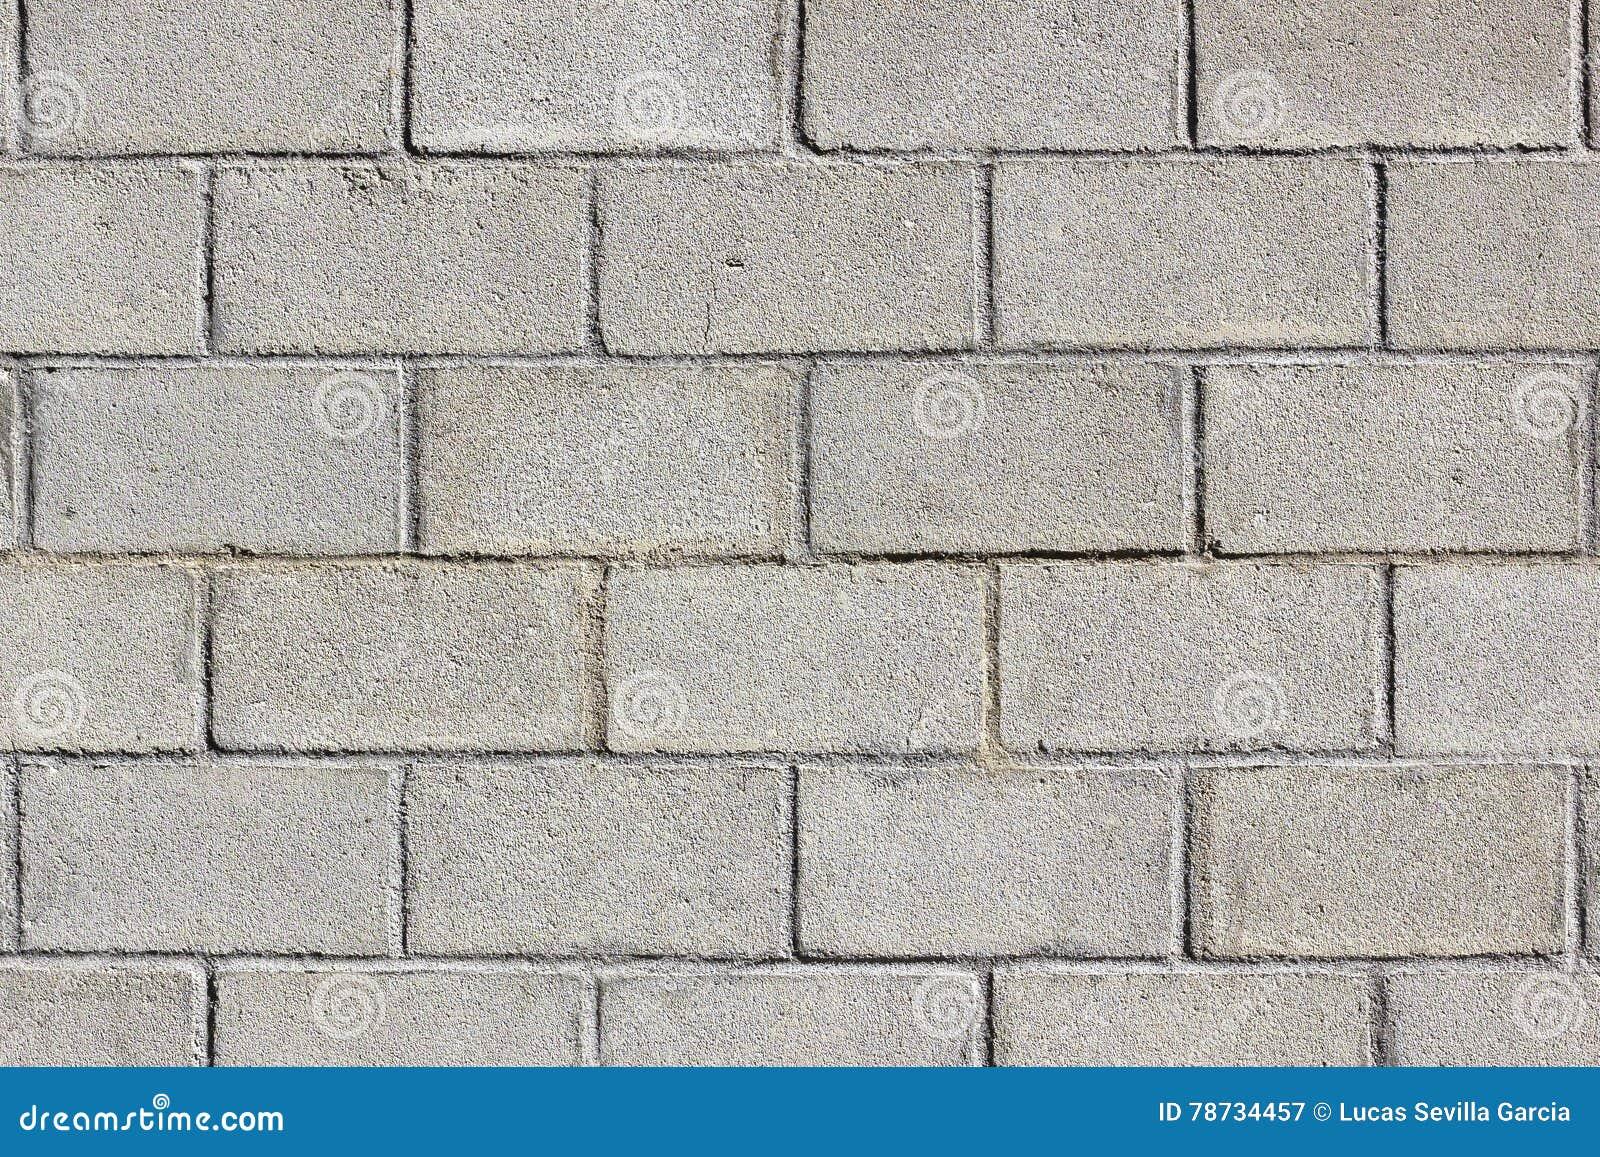 bloque del muro de cemento